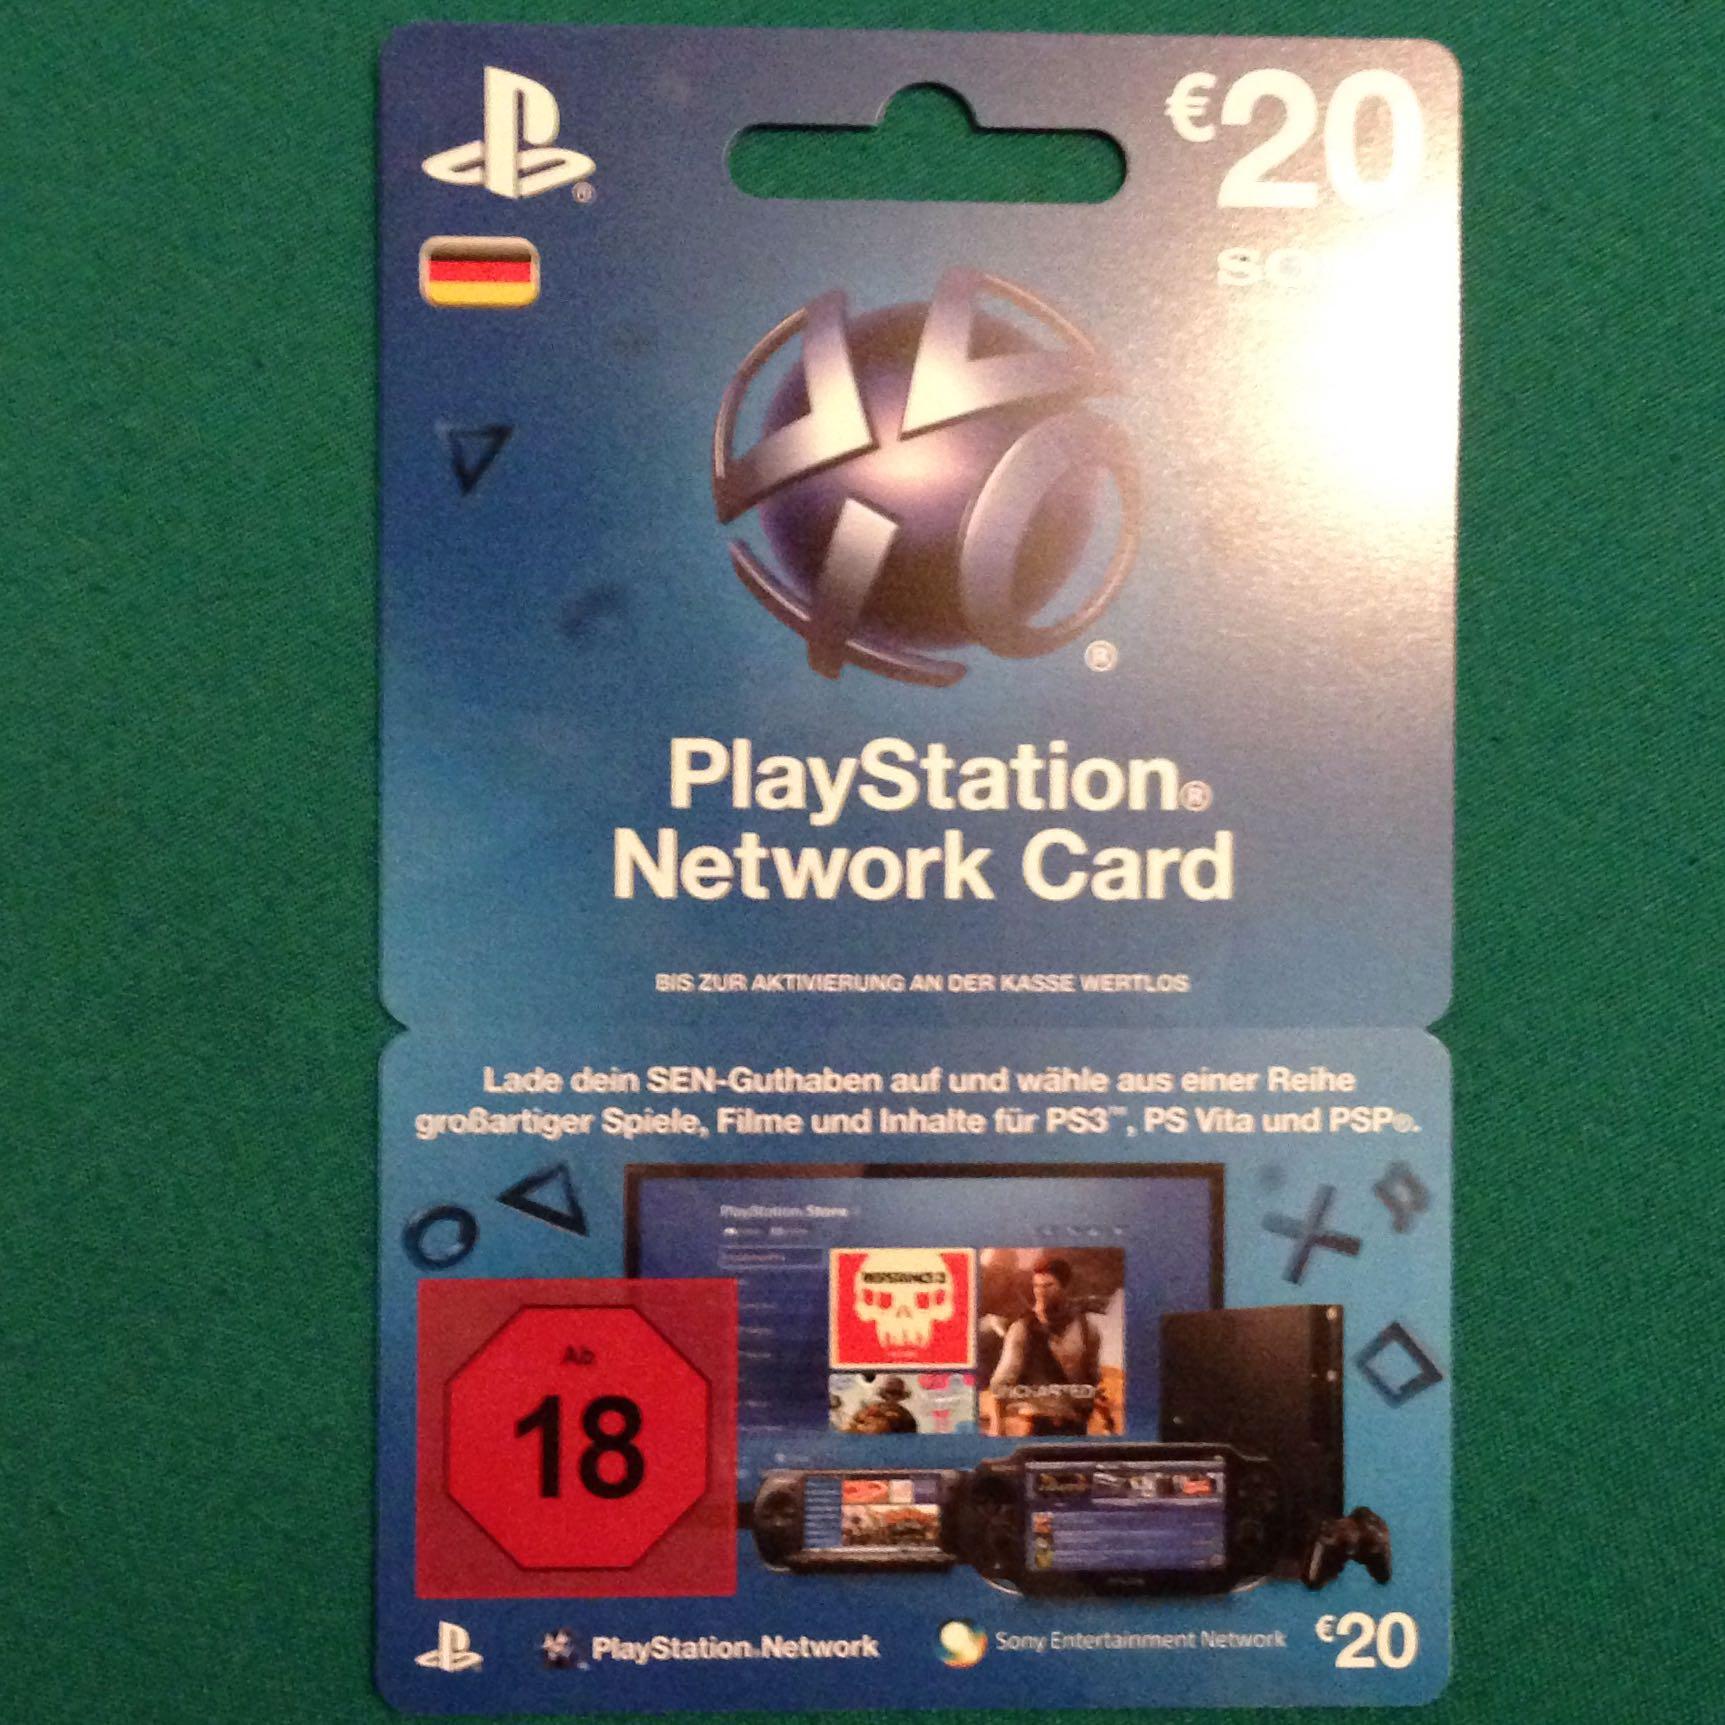 Ist Diese Psn Card Auch Fr Ps4 Freizeit Spiele Games Playstation Network 20